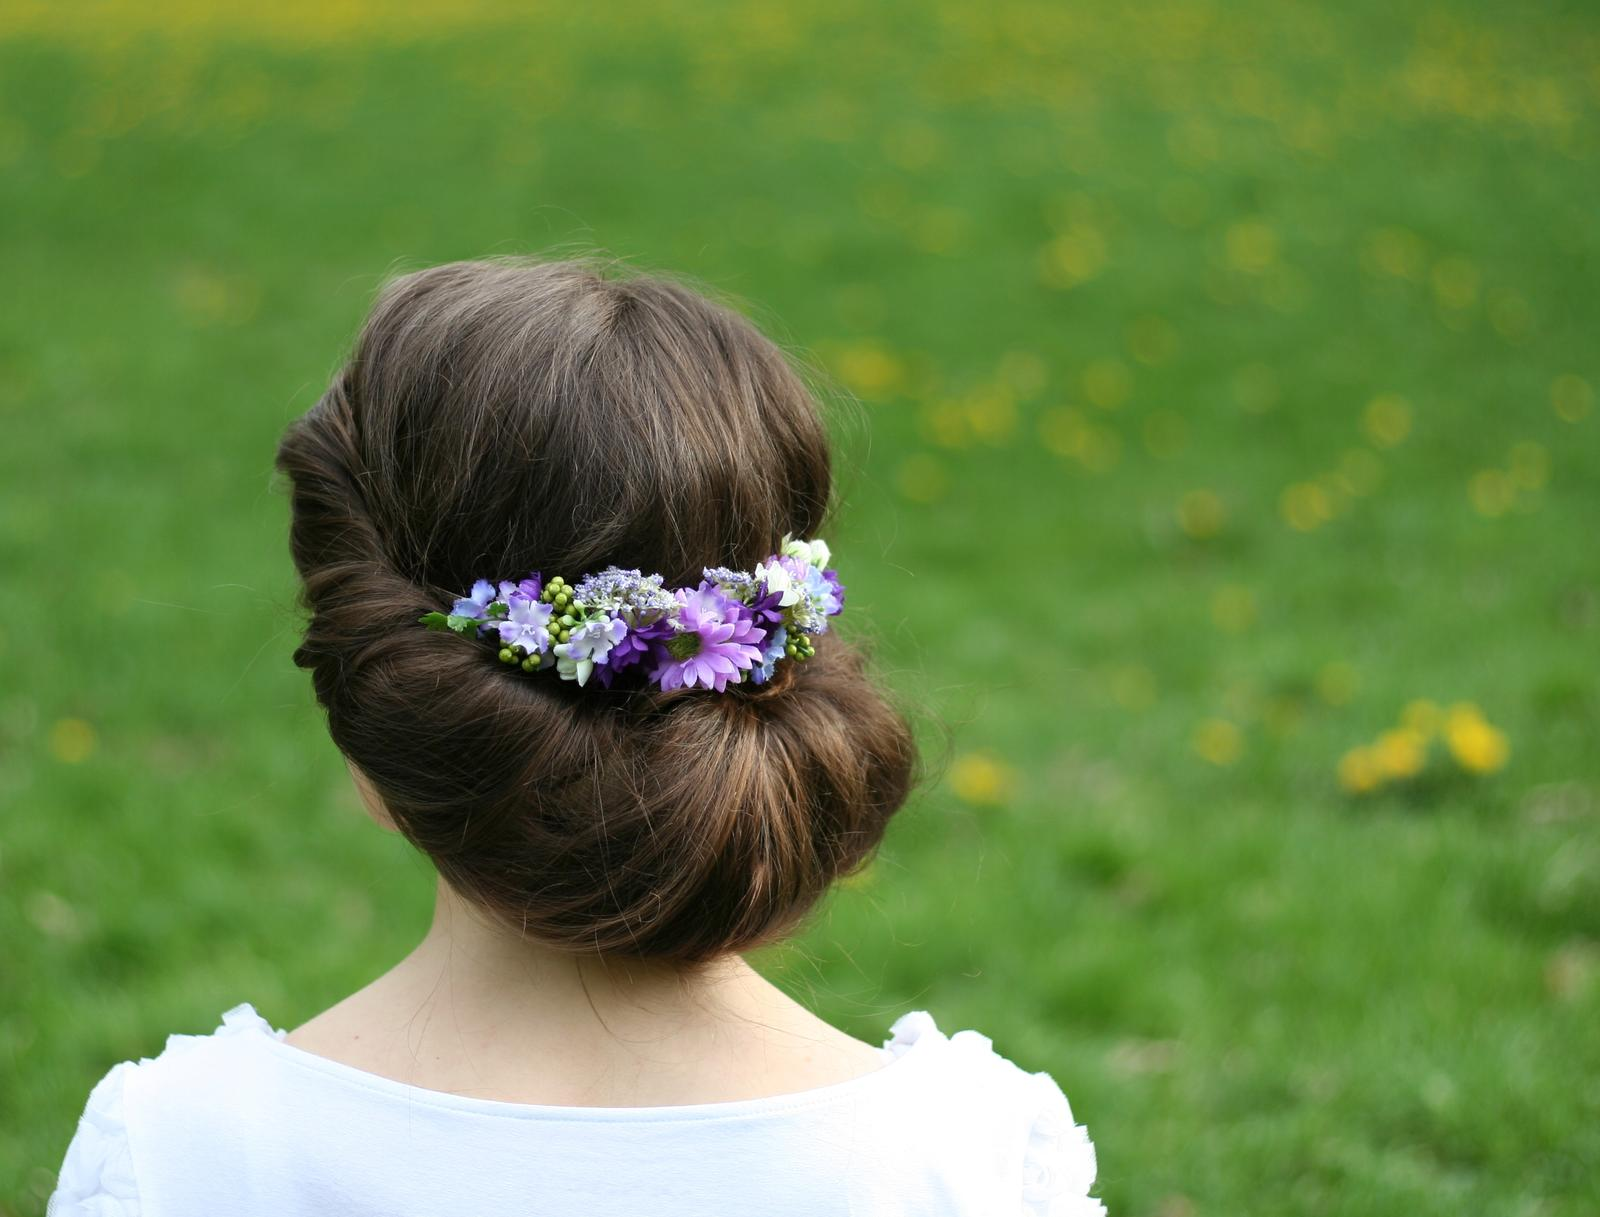 Dnešné fotenie originálnych kvetinových venčekov....nevestičky, čo poviete, hodili by sa aj na vašu a svadbu? - Tip na pekný spoločenský účes ozdobený čelenkou z drobných aranžovaných kvetov